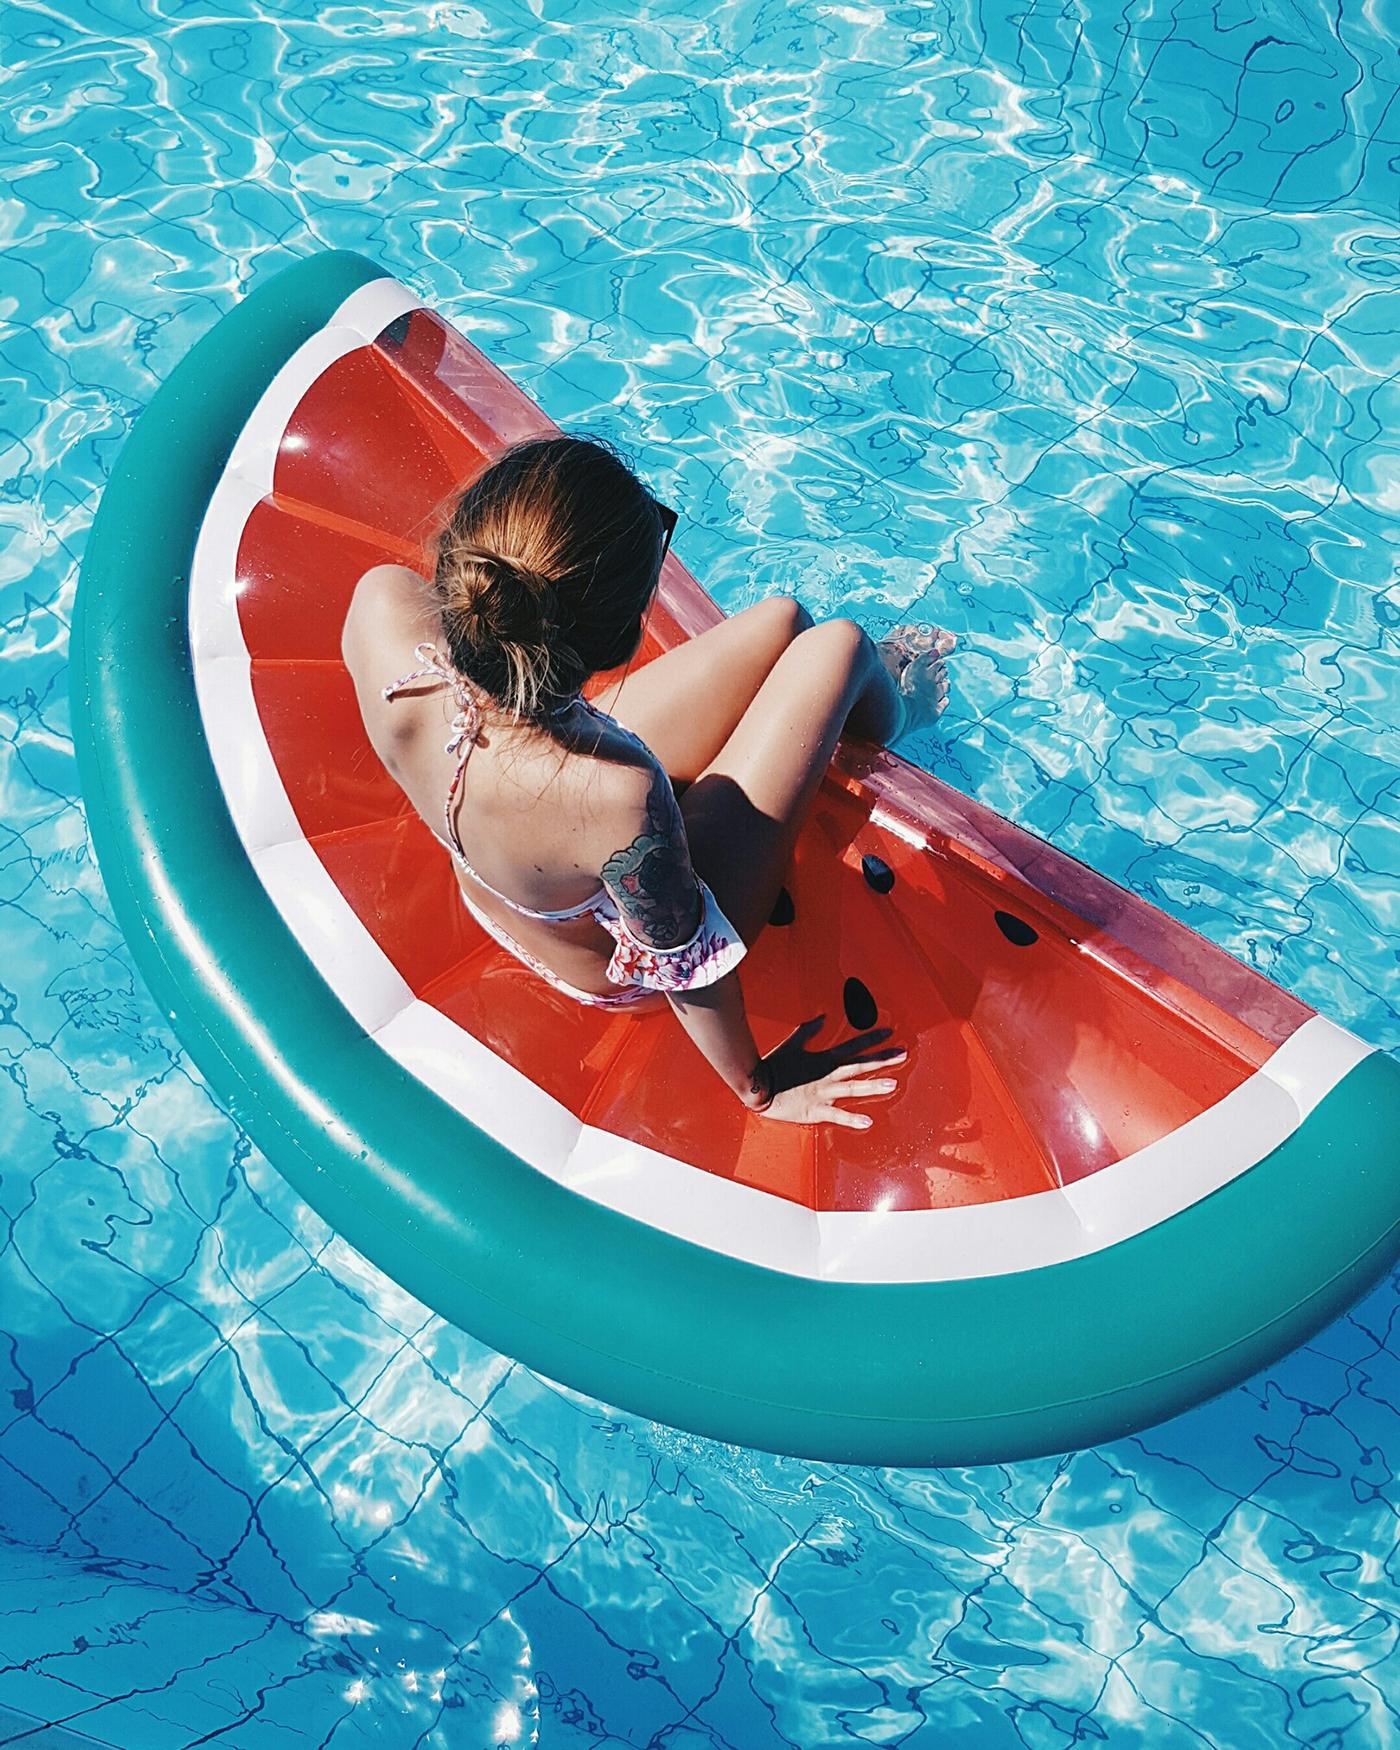 7things_31_melon_pool